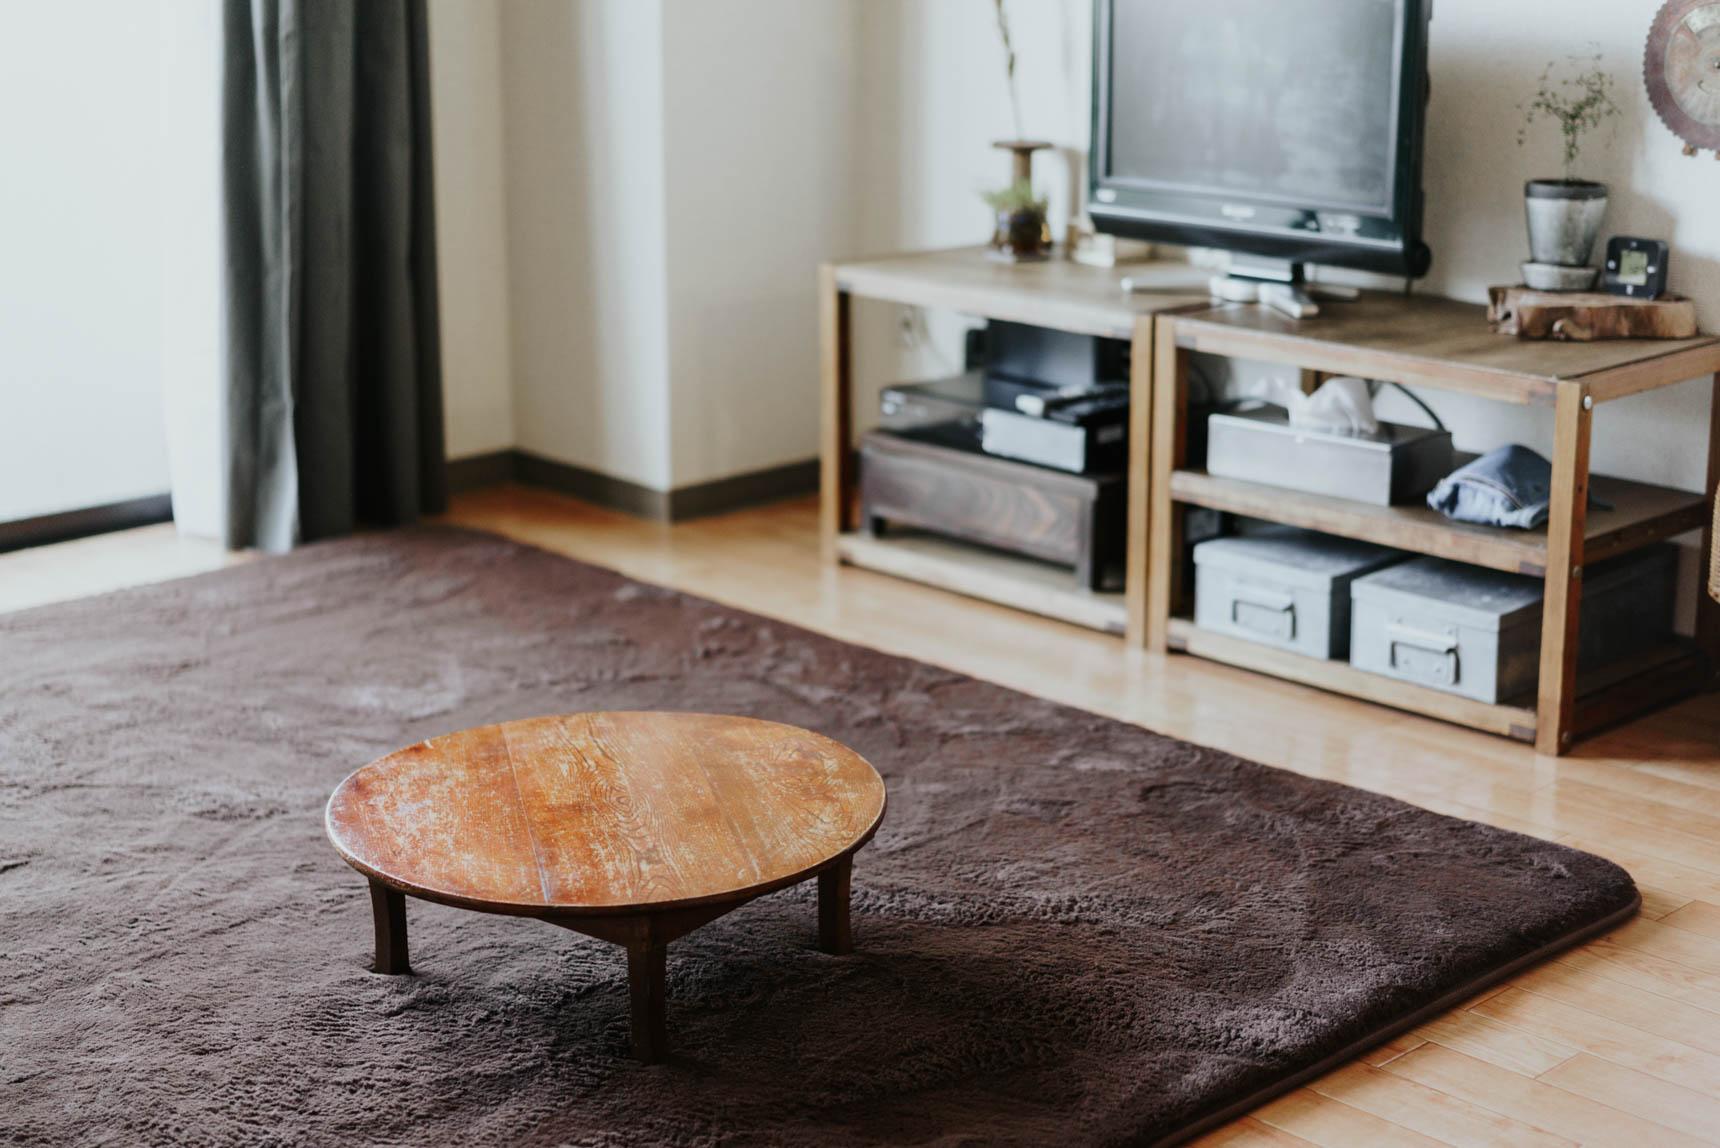 ソファやローテーブルは置かず、床座のスタイル。必要な時は、可愛らしい円形のちゃぶ台を持ち出します。